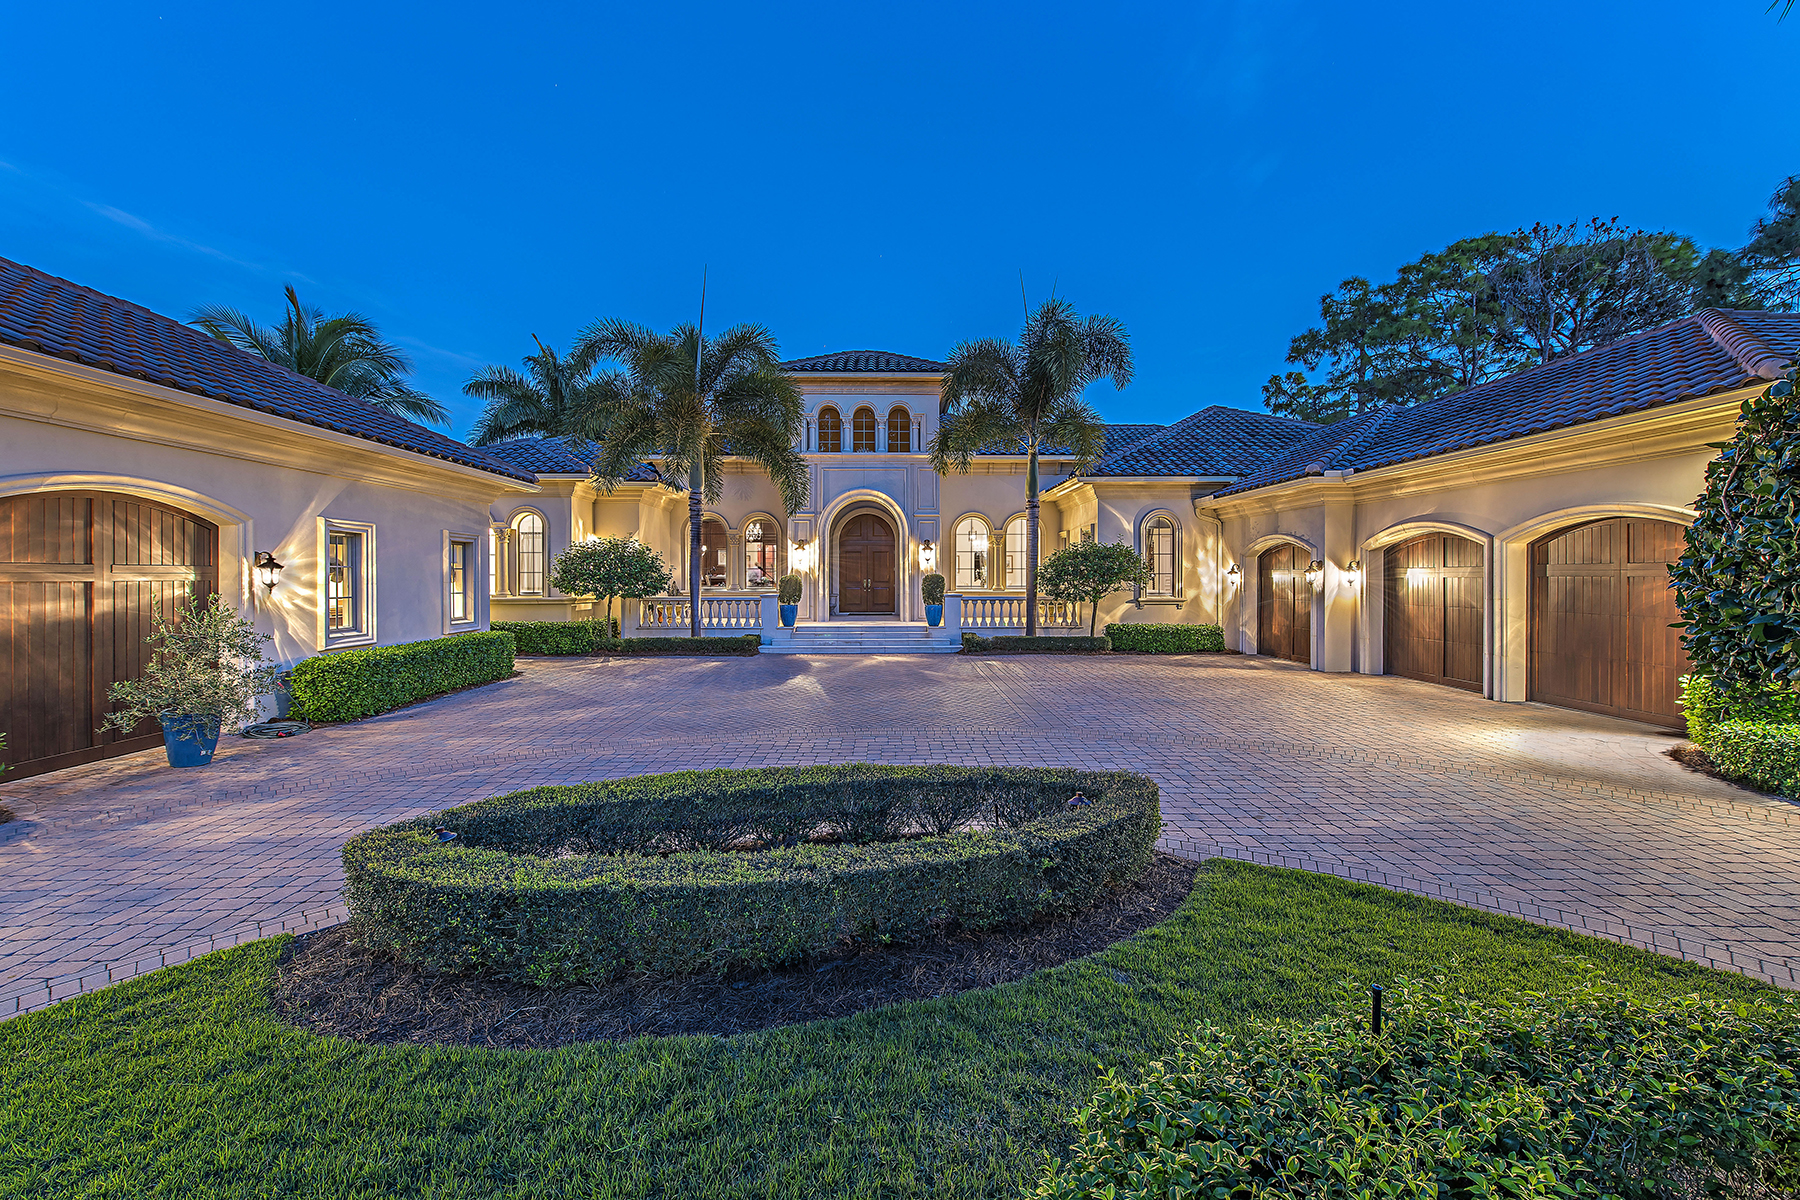 Nhà ở một gia đình vì Bán tại 1372 Great Egret Trl , Naples, FL 34105 1372 Great Egret Trl Naples, Florida, 34105 Hoa Kỳ